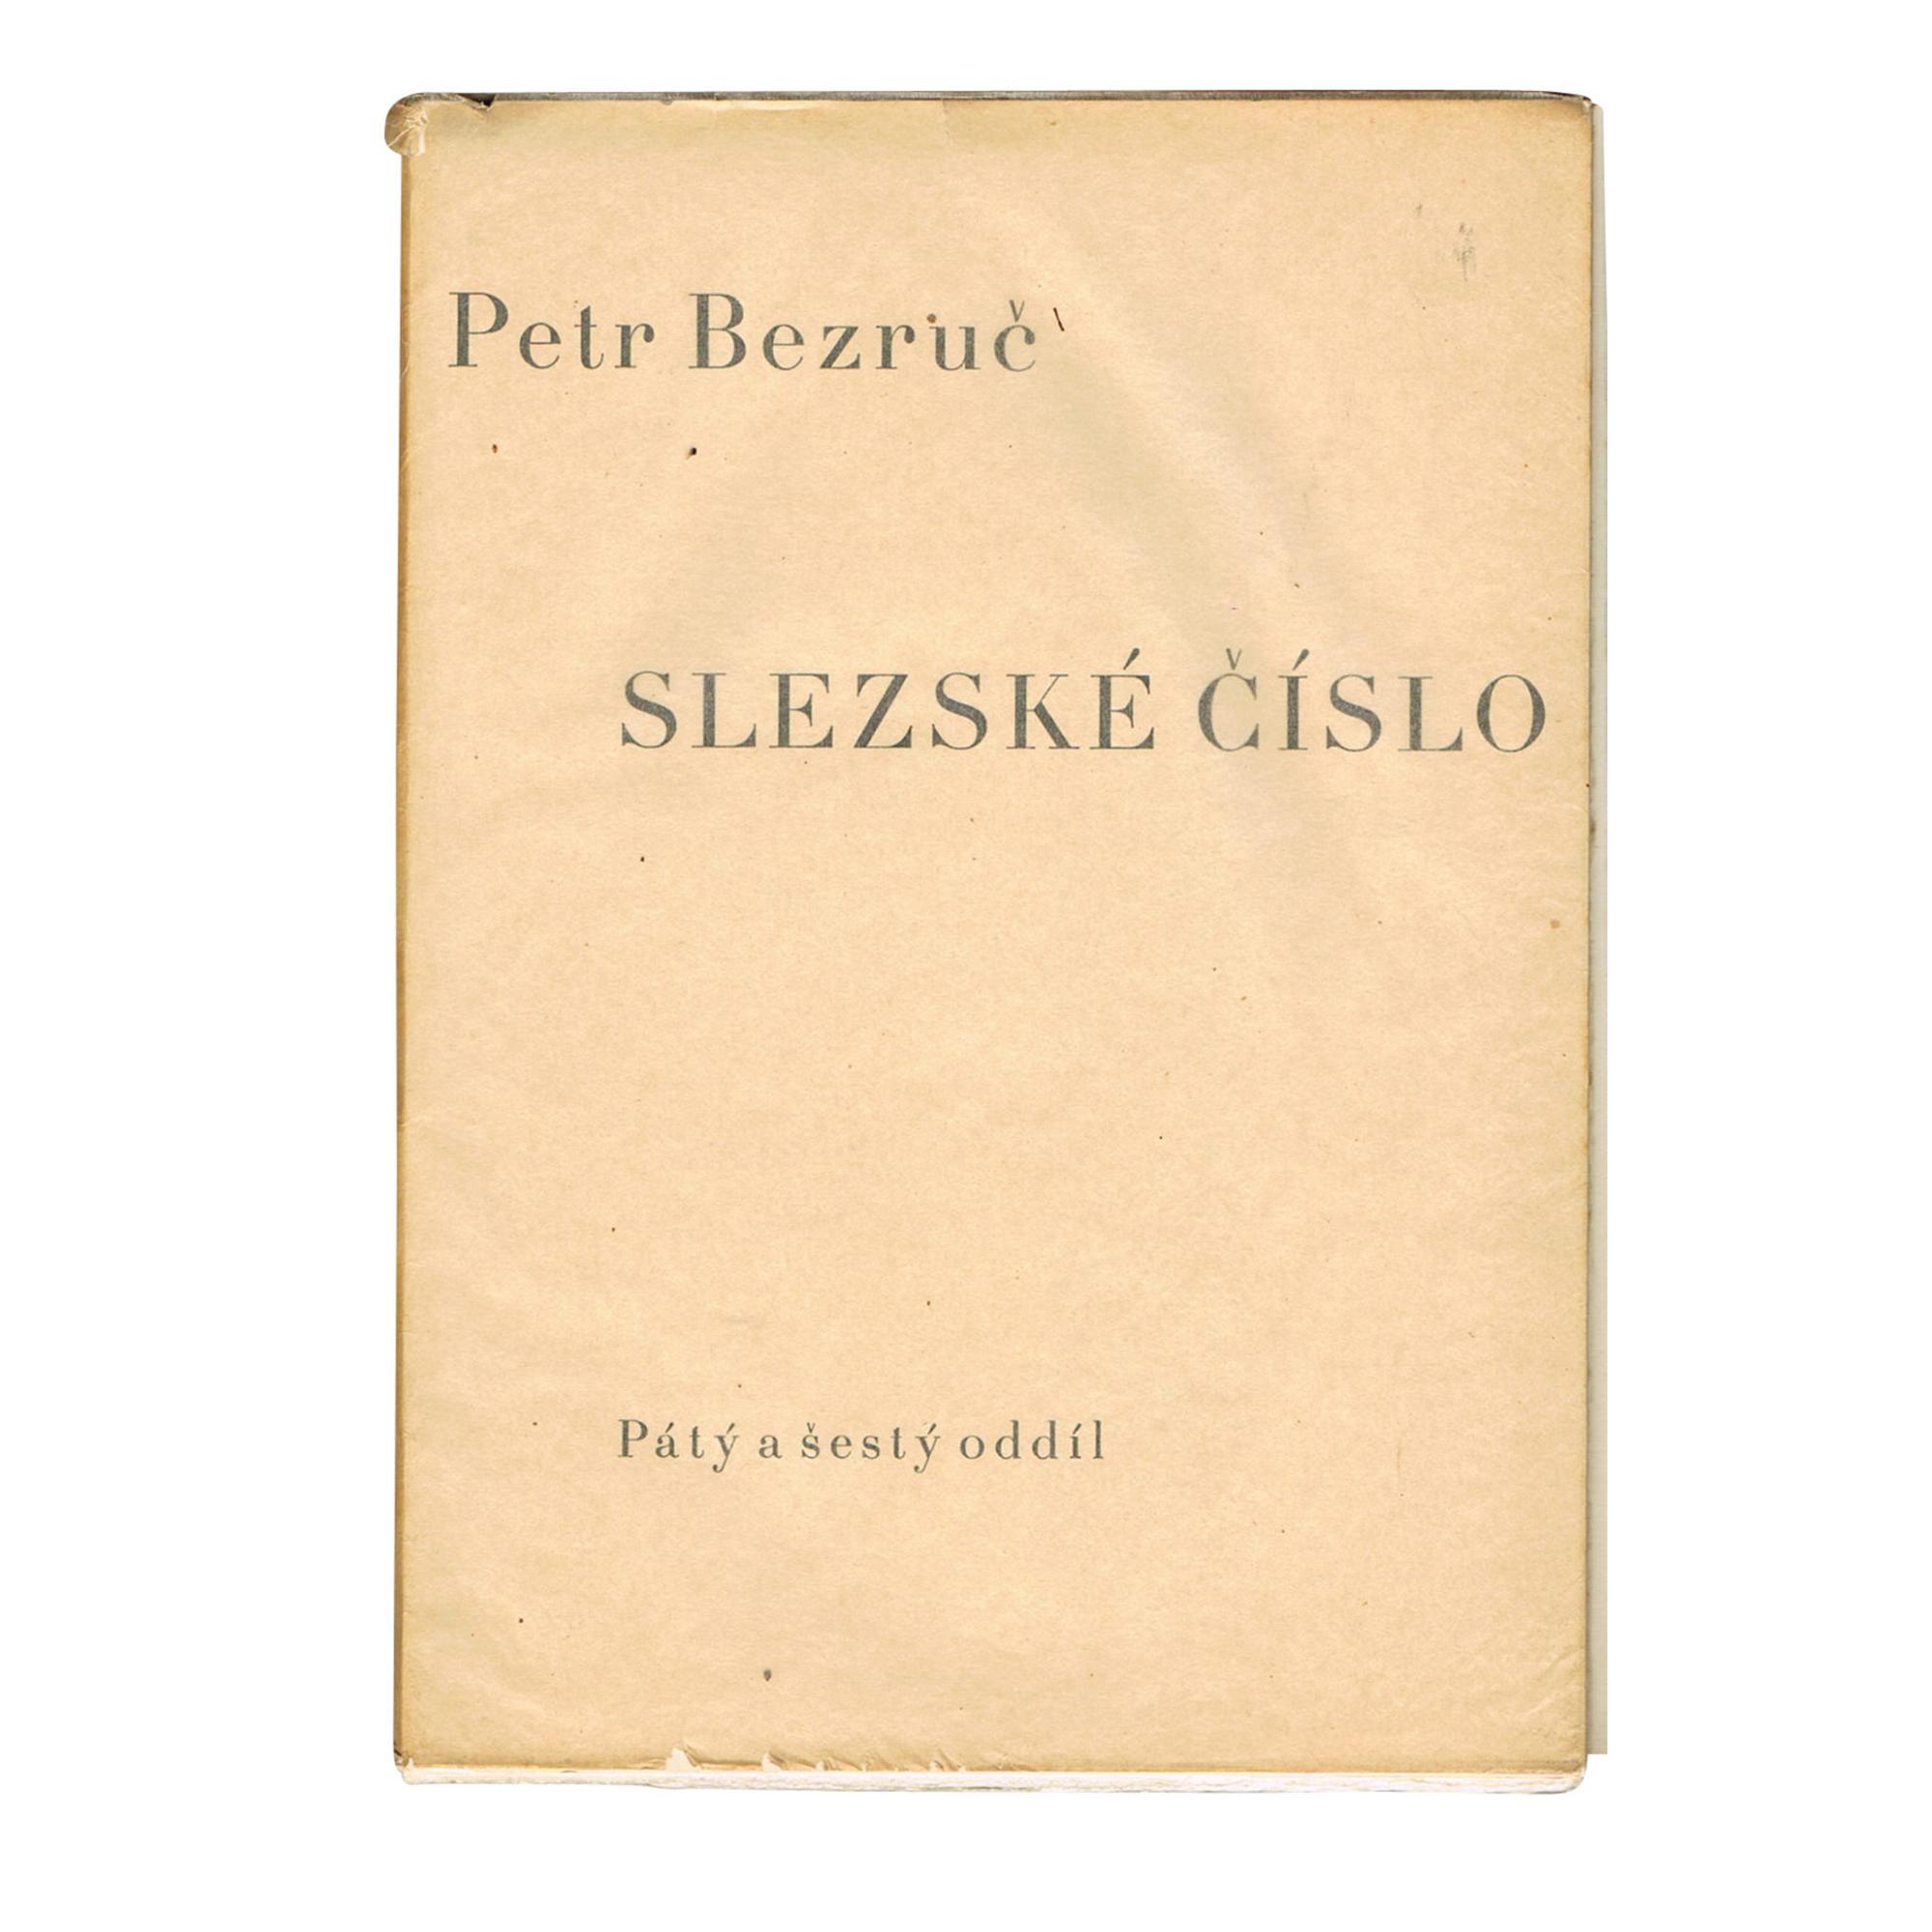 03-1379-Bezruc-Mrkvickova-Na-opavsku-1931-1-1200×1695-1.jpg